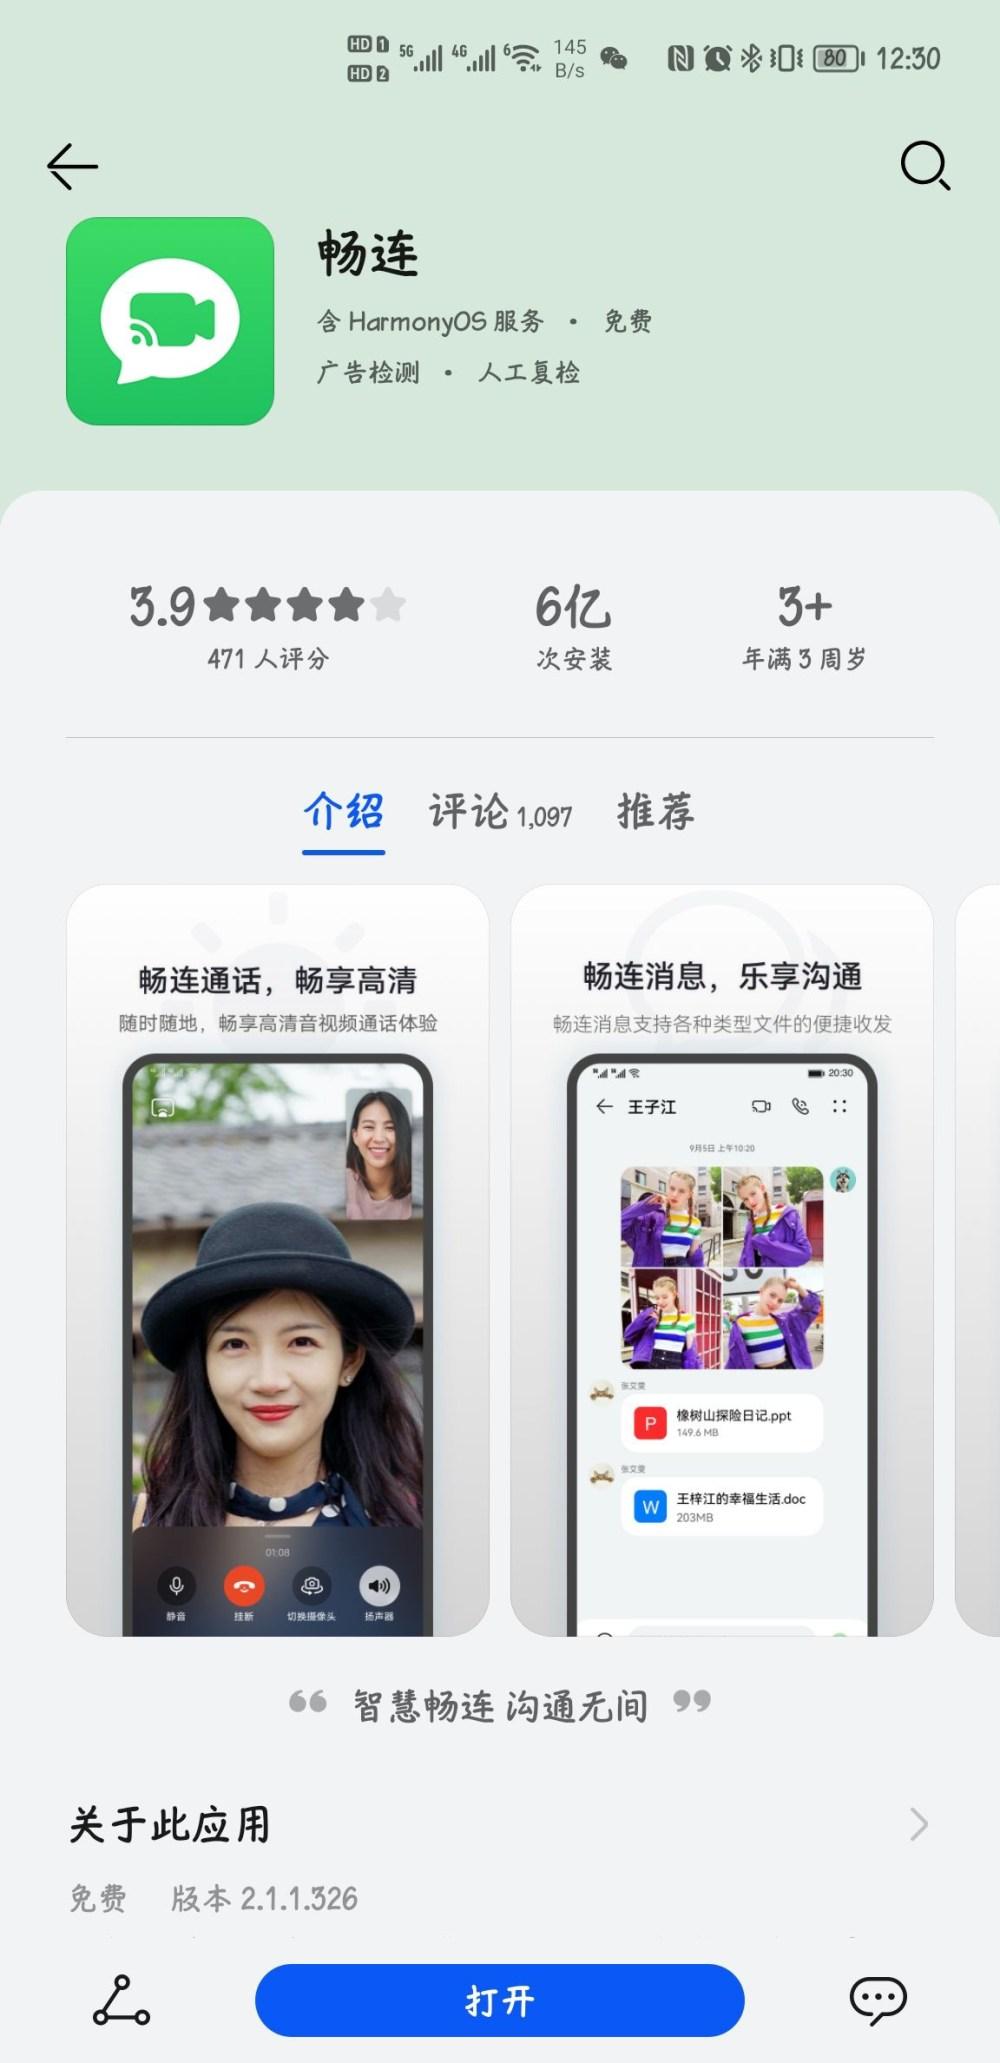 Huawei MeeTime App